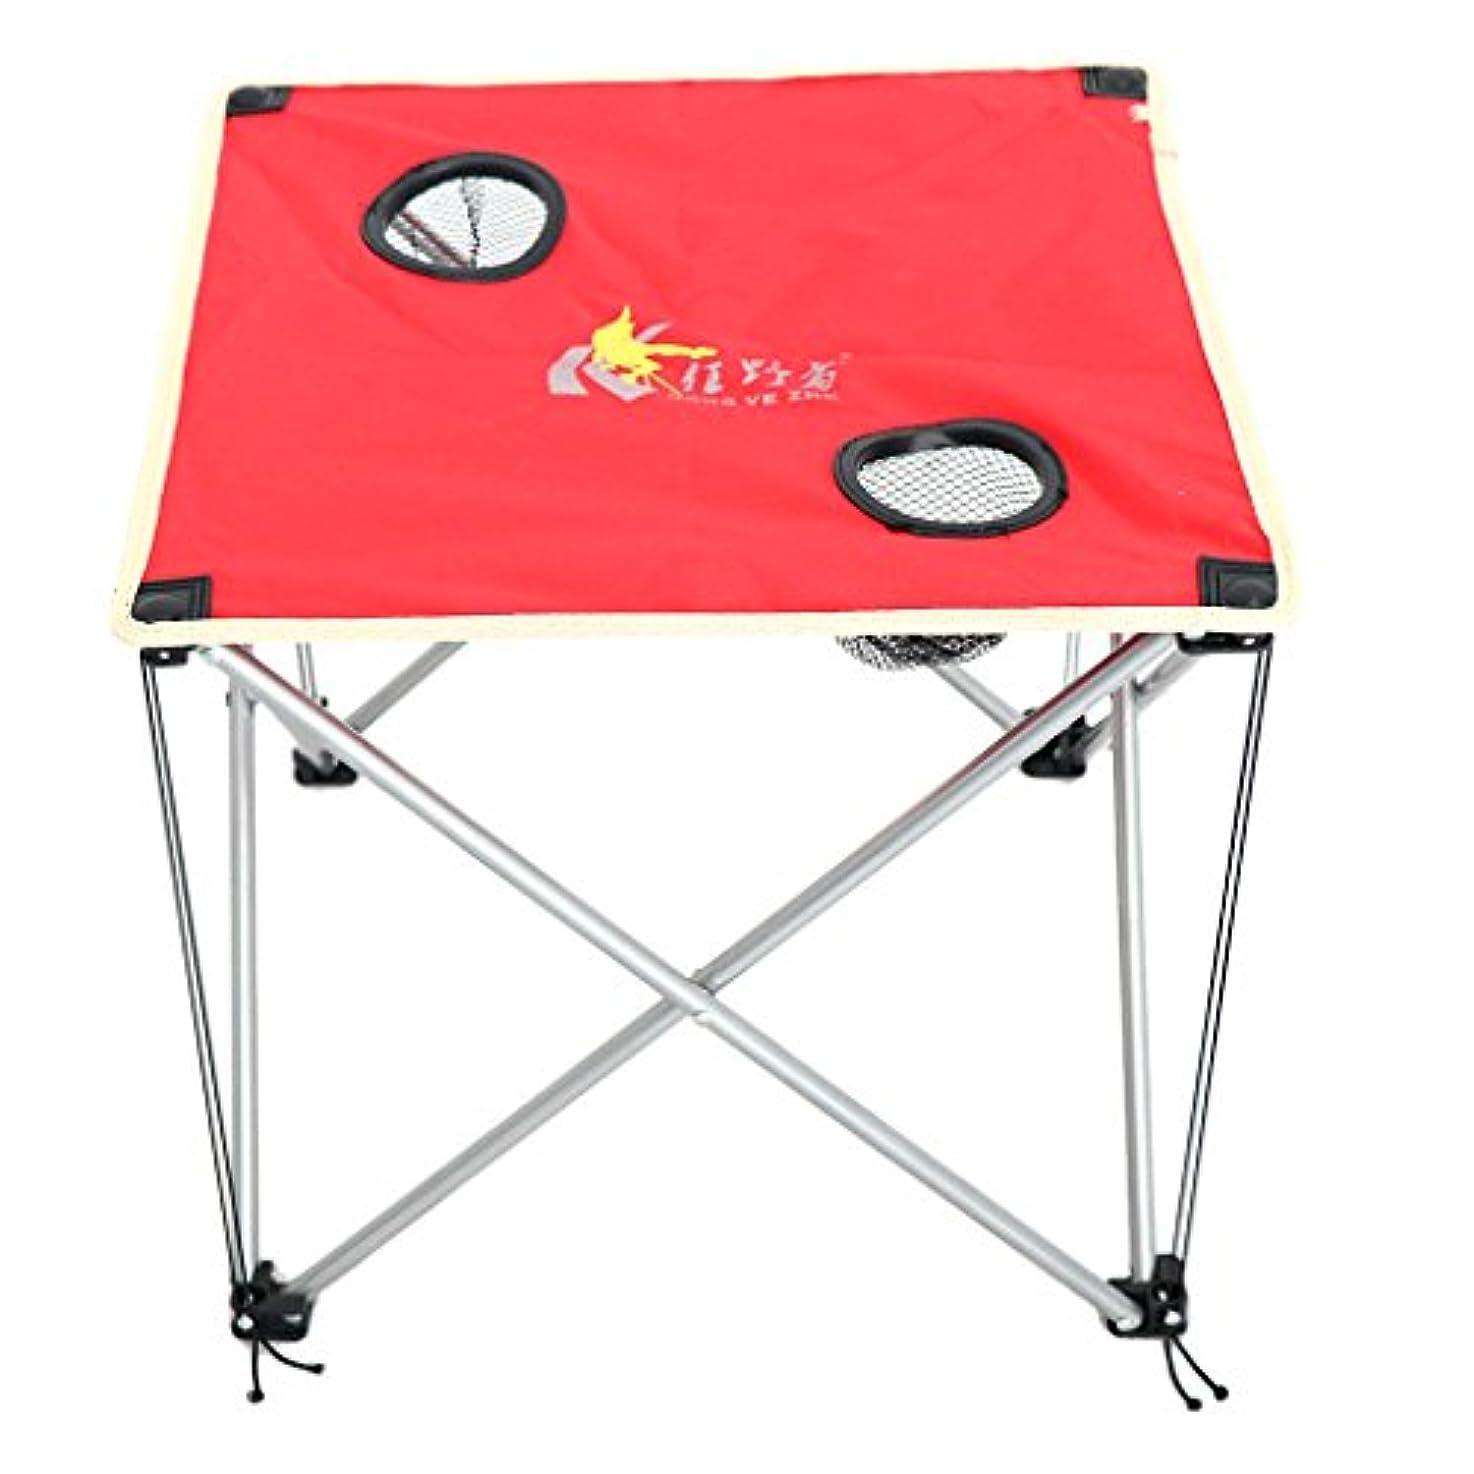 ポスト印象派引き金文房具Fenteer アルミ合金 折りたたみ式テーブル ピクニック用 全3色